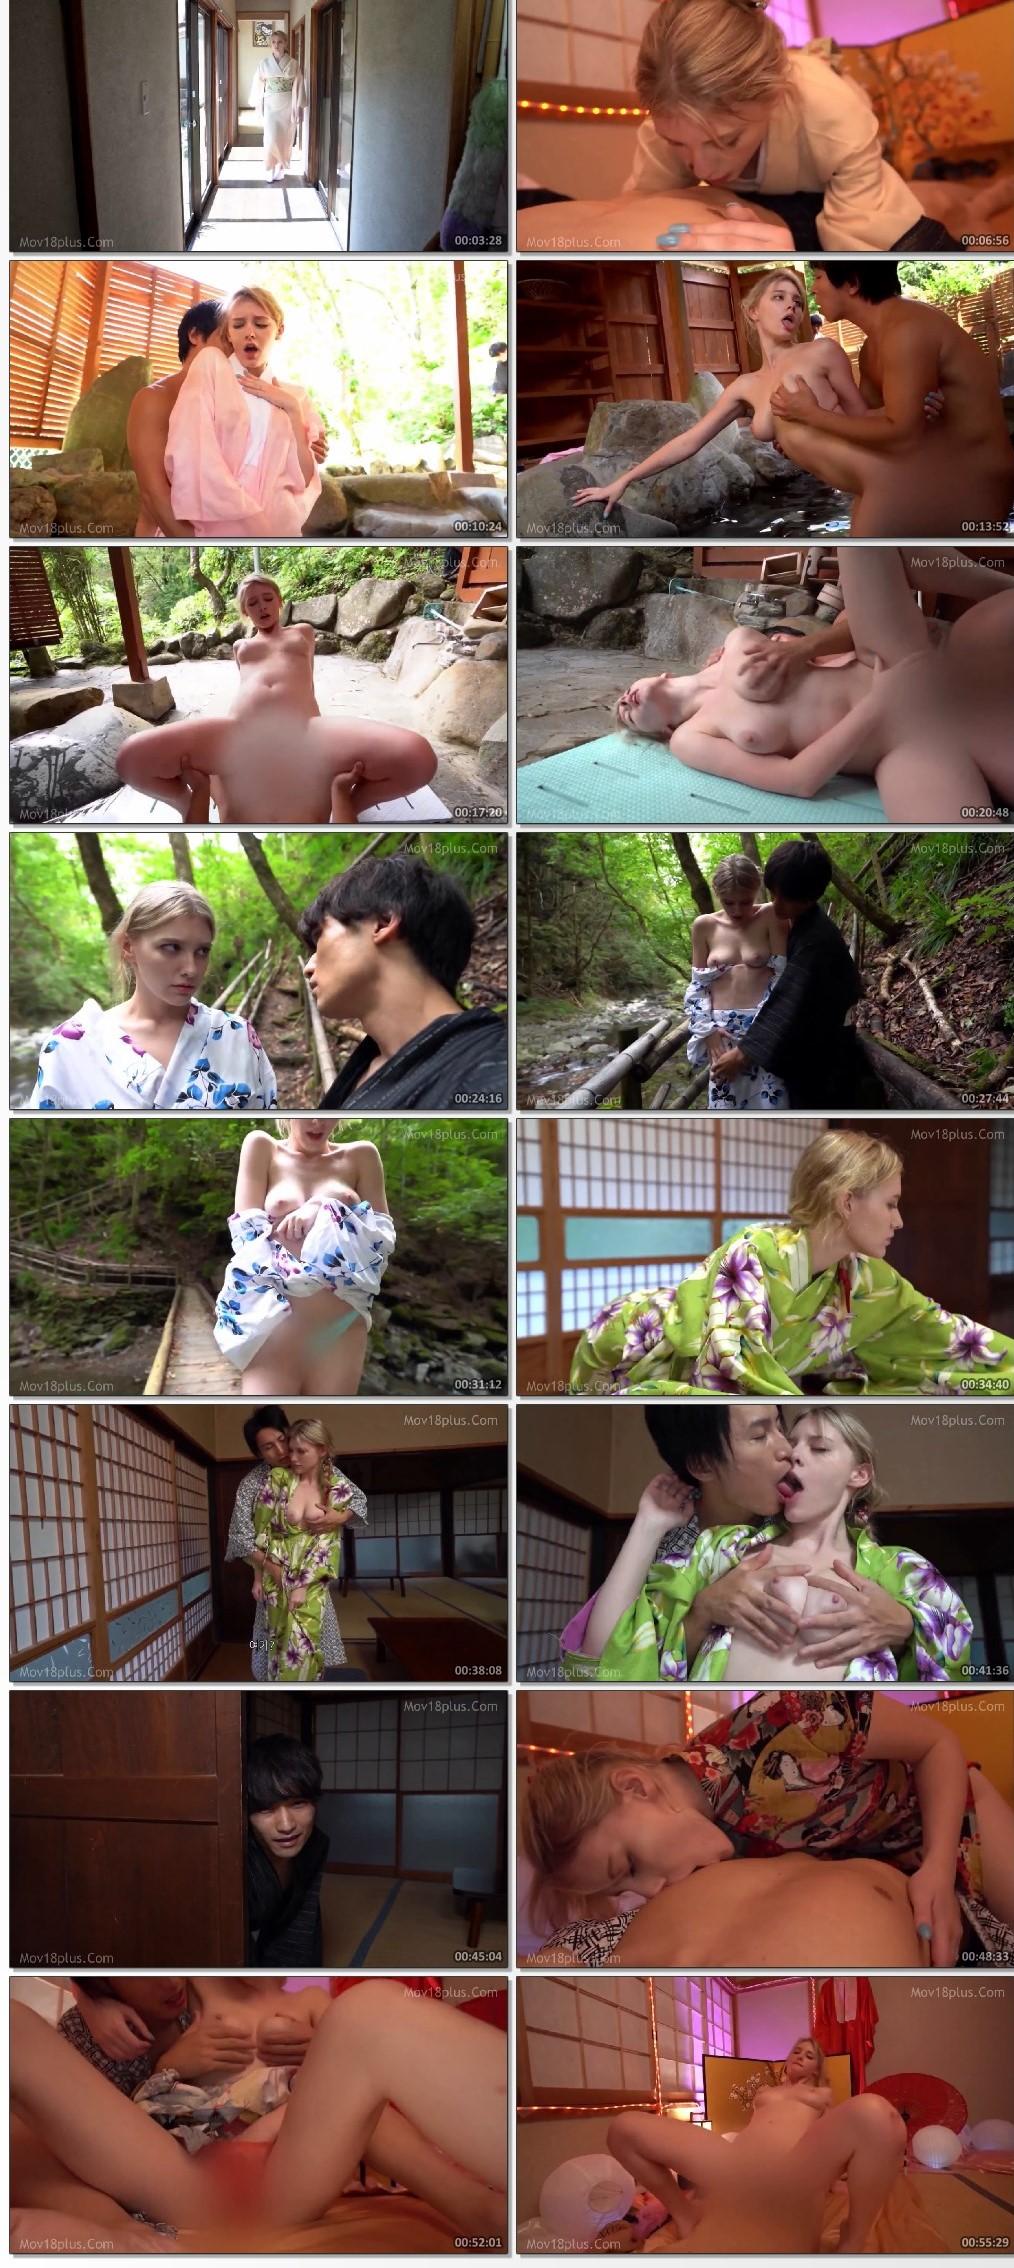 Closing-Crisis-Deficit-Hot-Springs-Nordic-Sex-Savior-2021-www-filmguro-site-Korean-Movie-720p-HDRip-